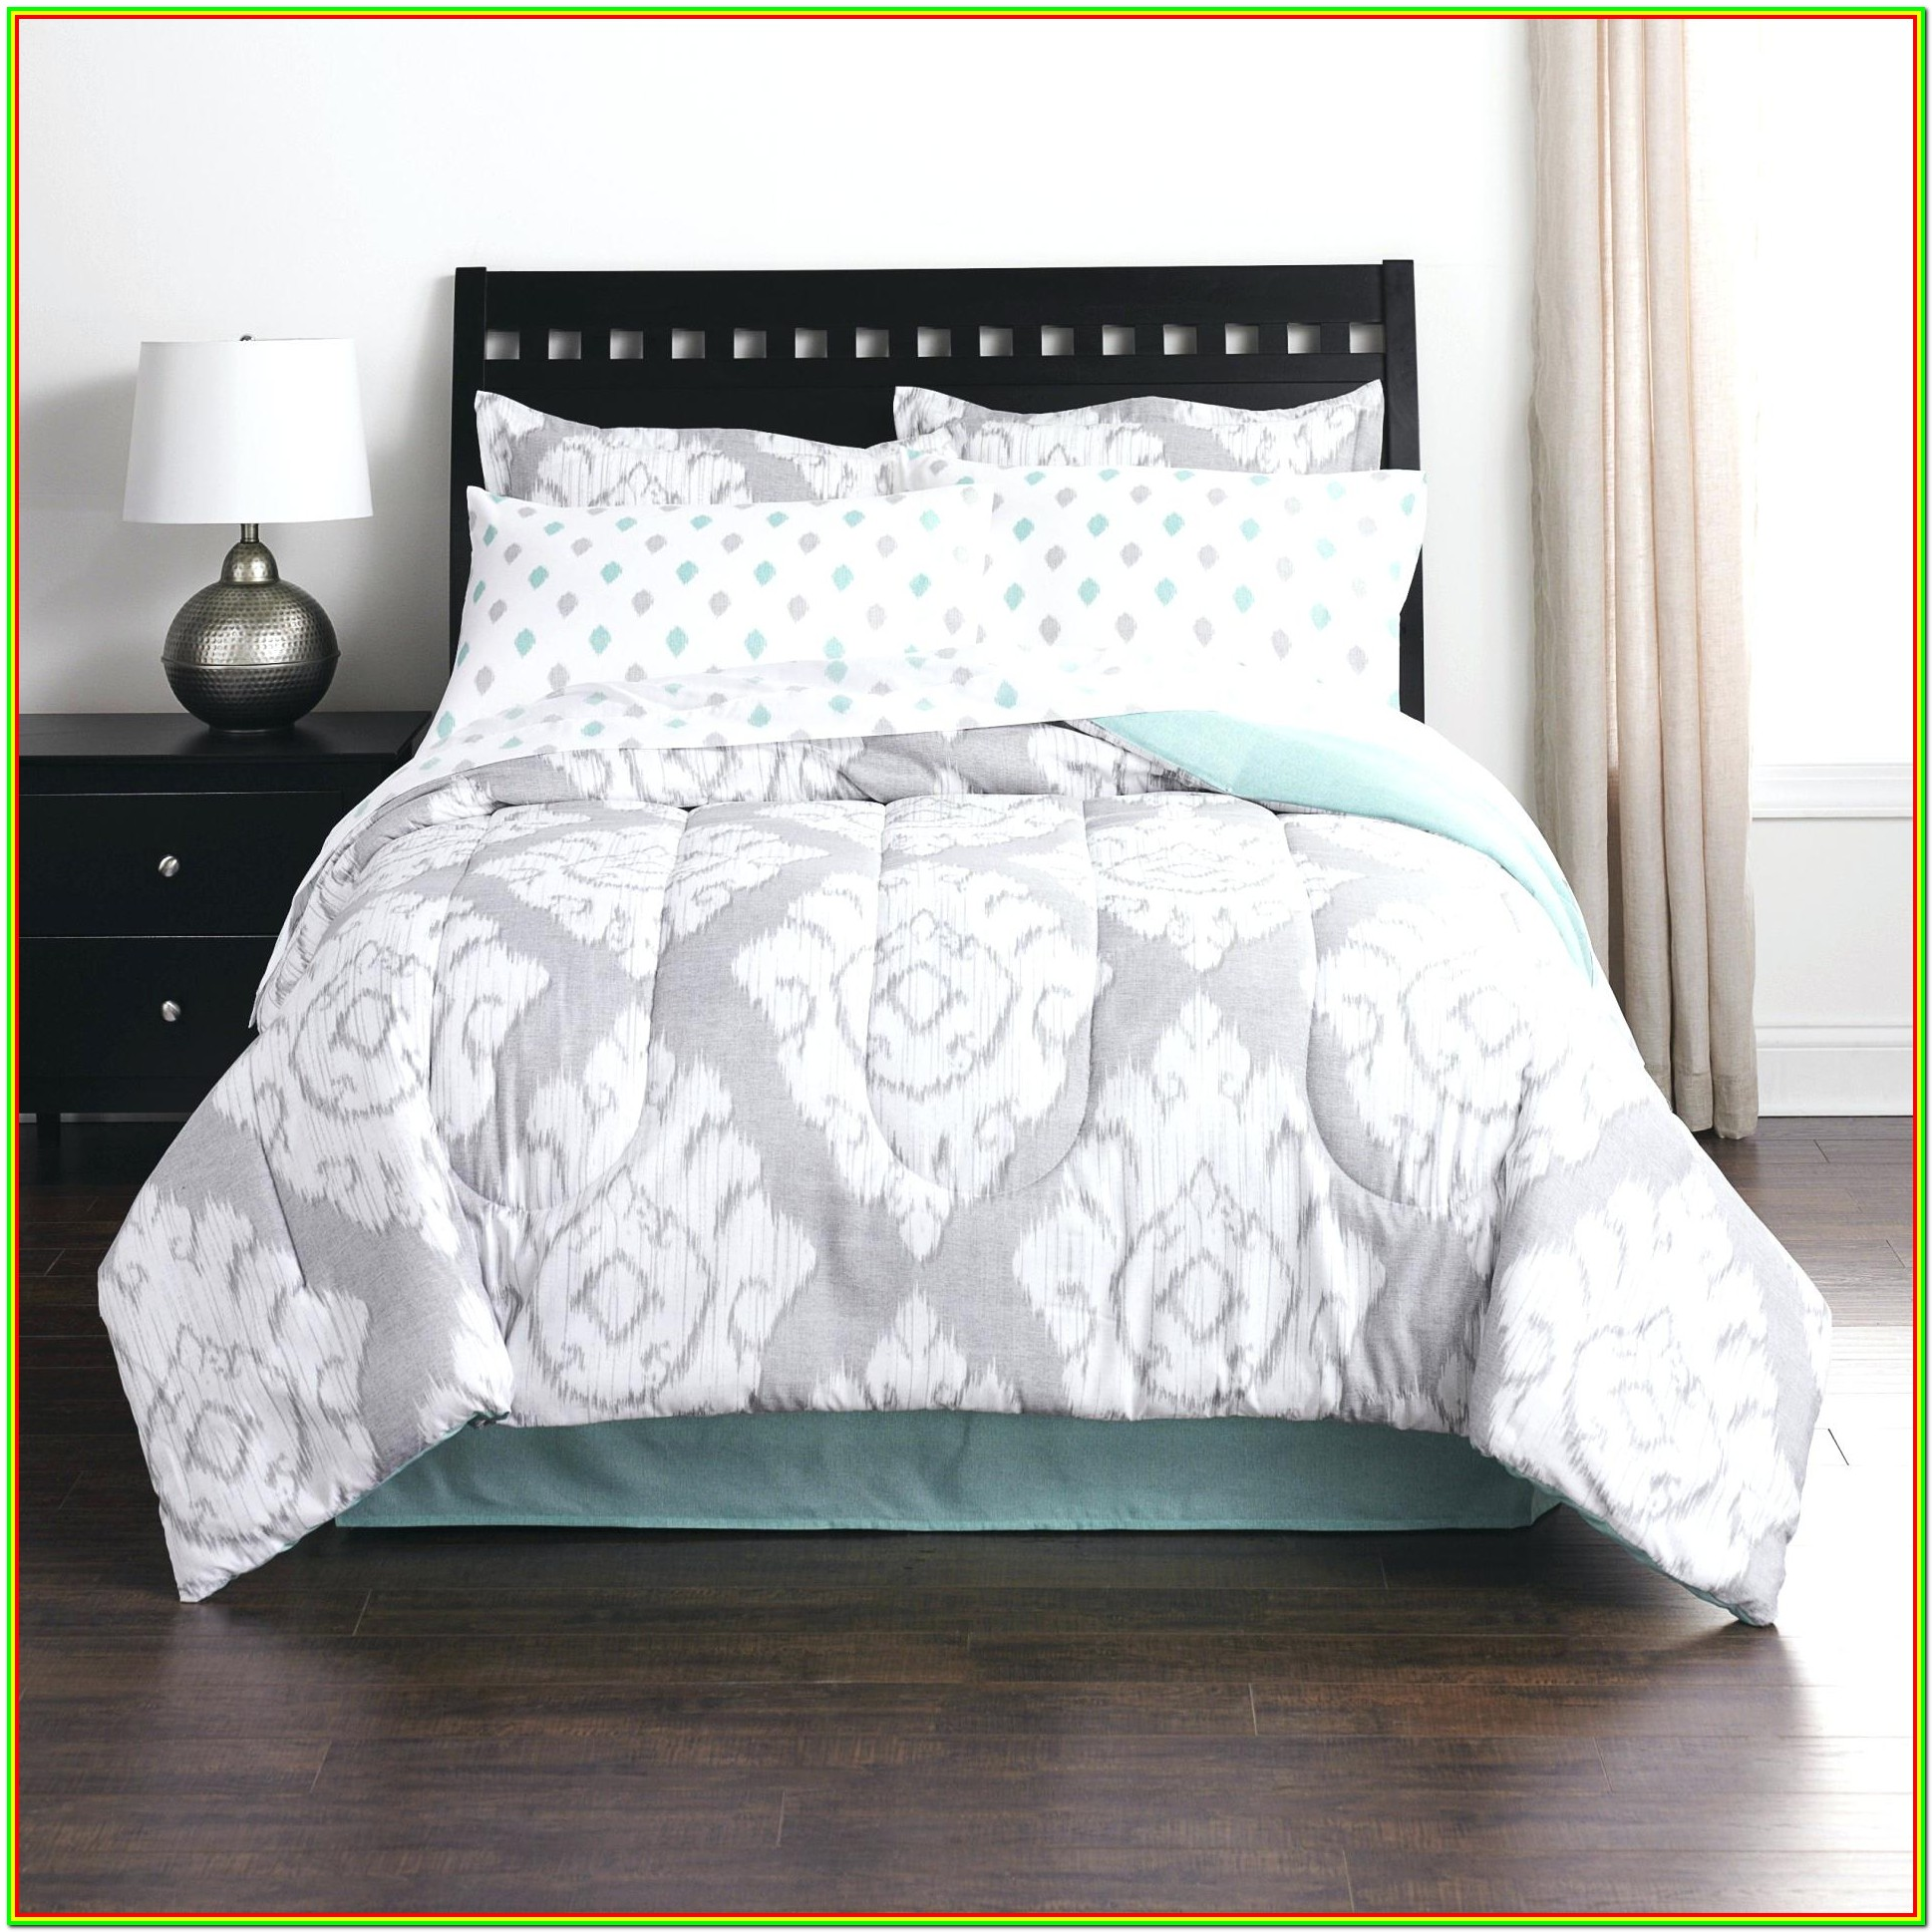 Full Size Bed Sets Target